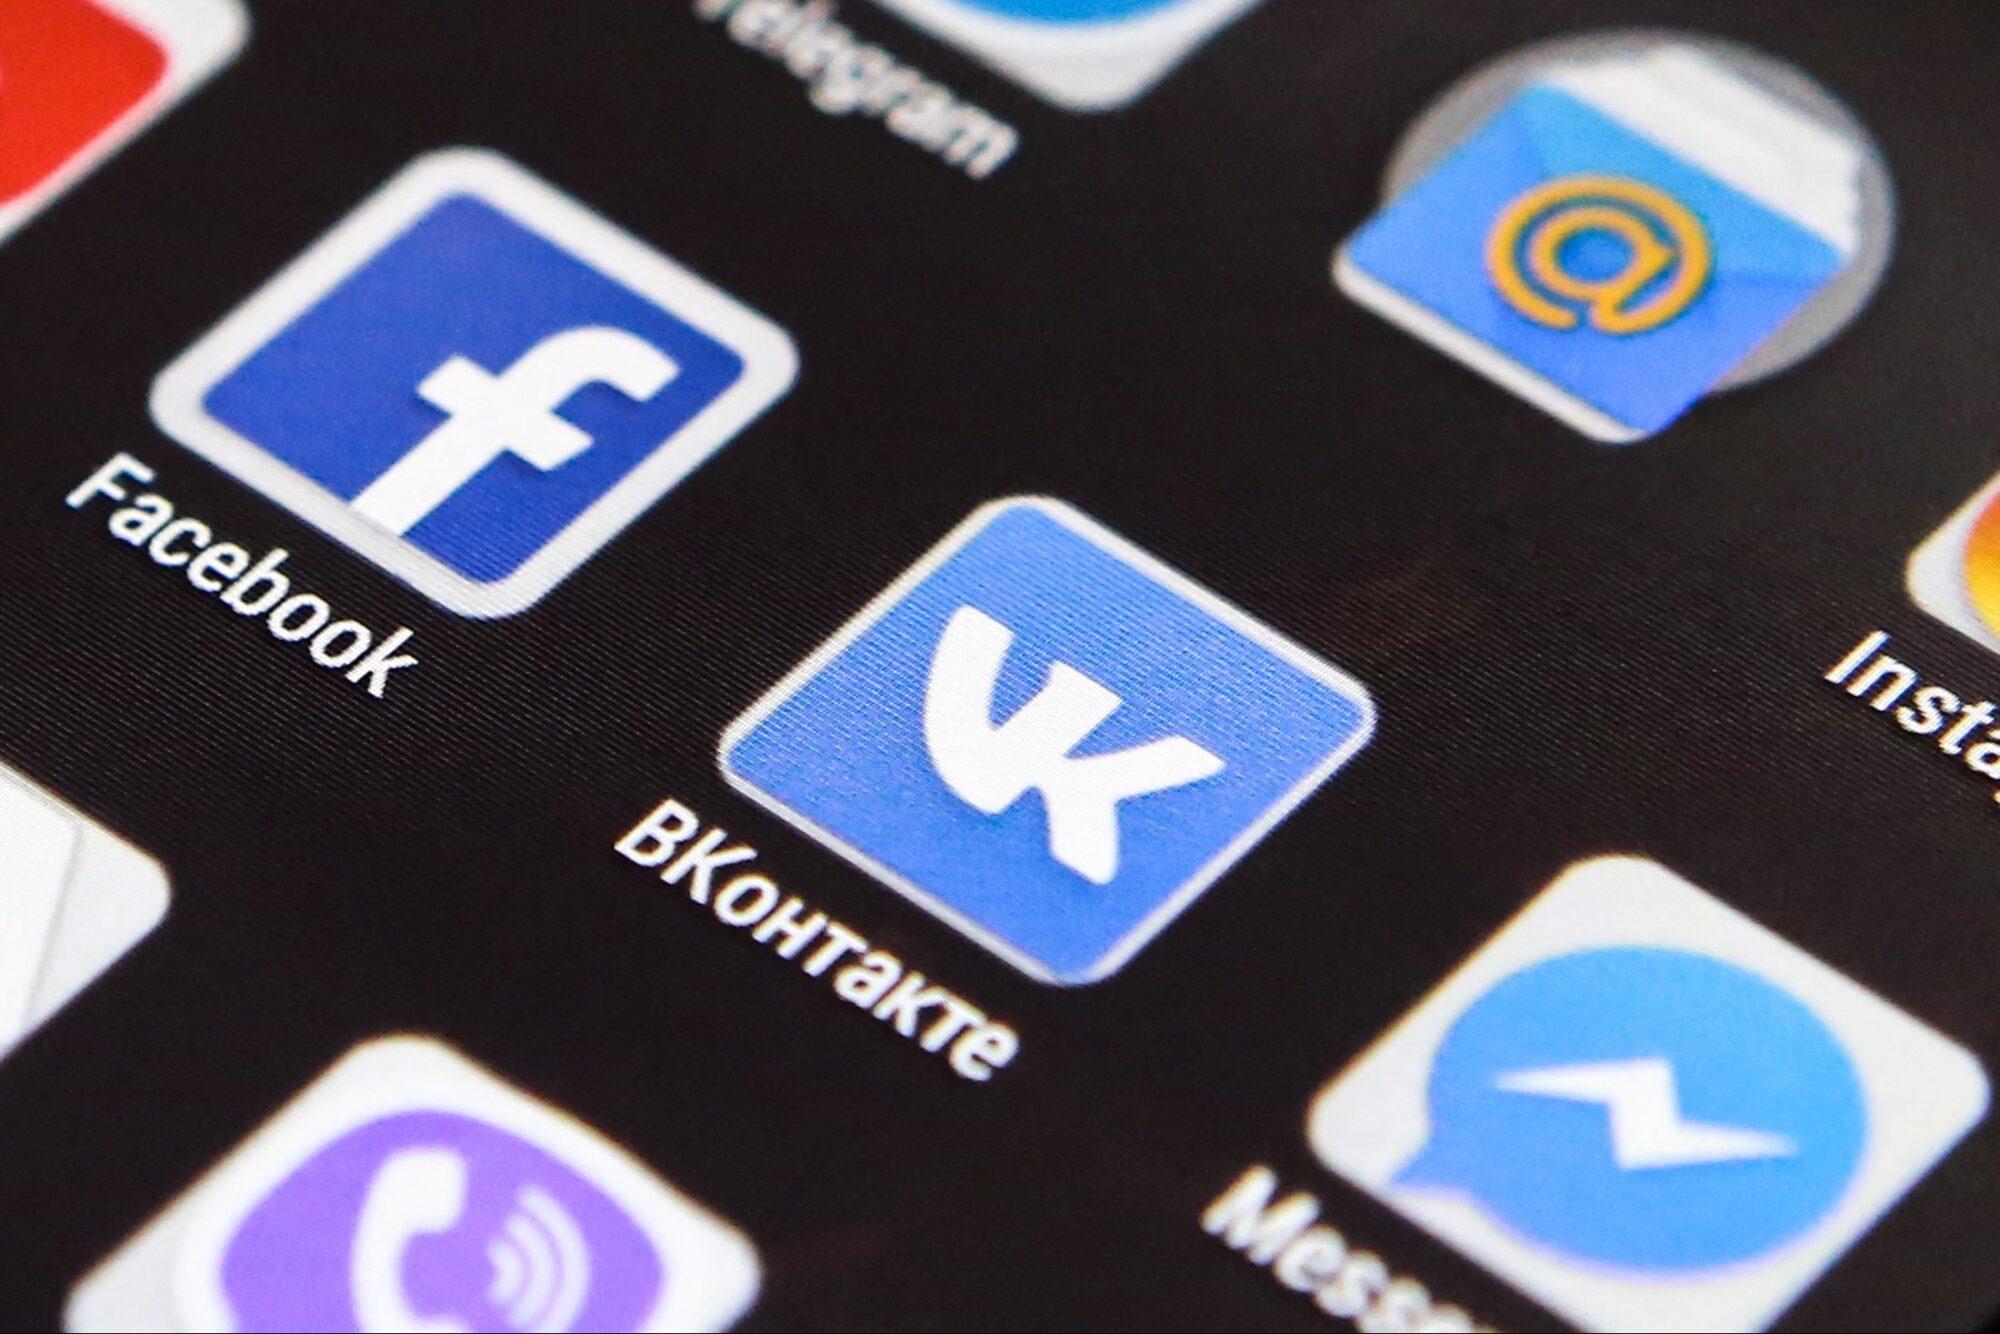 На облік в РНБО можуть взяти українських користувачів «ВКонтакте» - соцмережі, РНБО - TASS 18823493 d 850 2000x1334